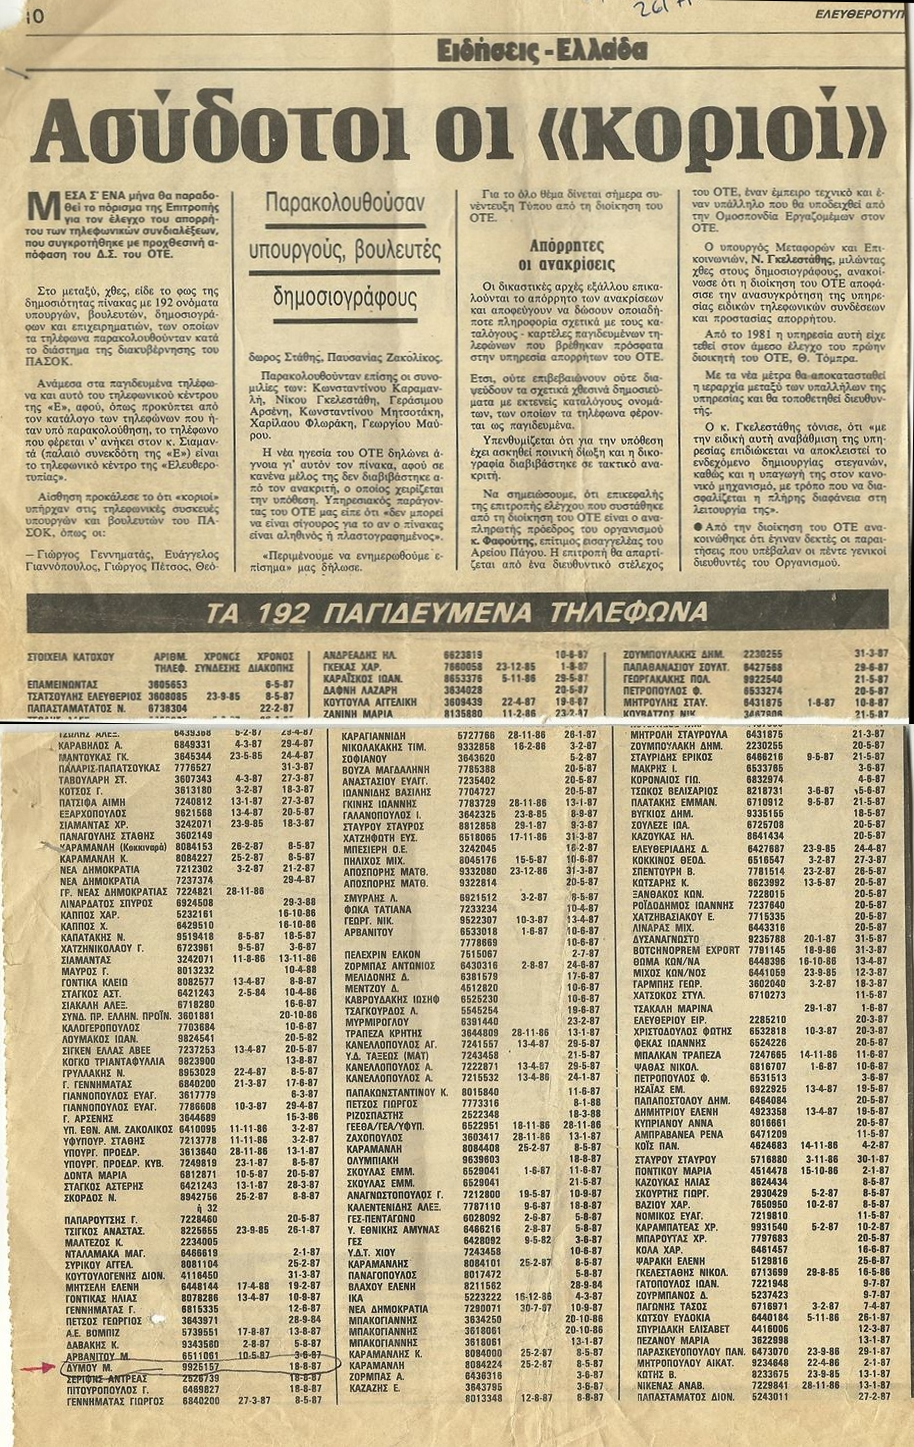 Ελευθεροτυπία 26/07/1989: Ασύδοτοι οι κοριοί: Λίστα ονομάτων